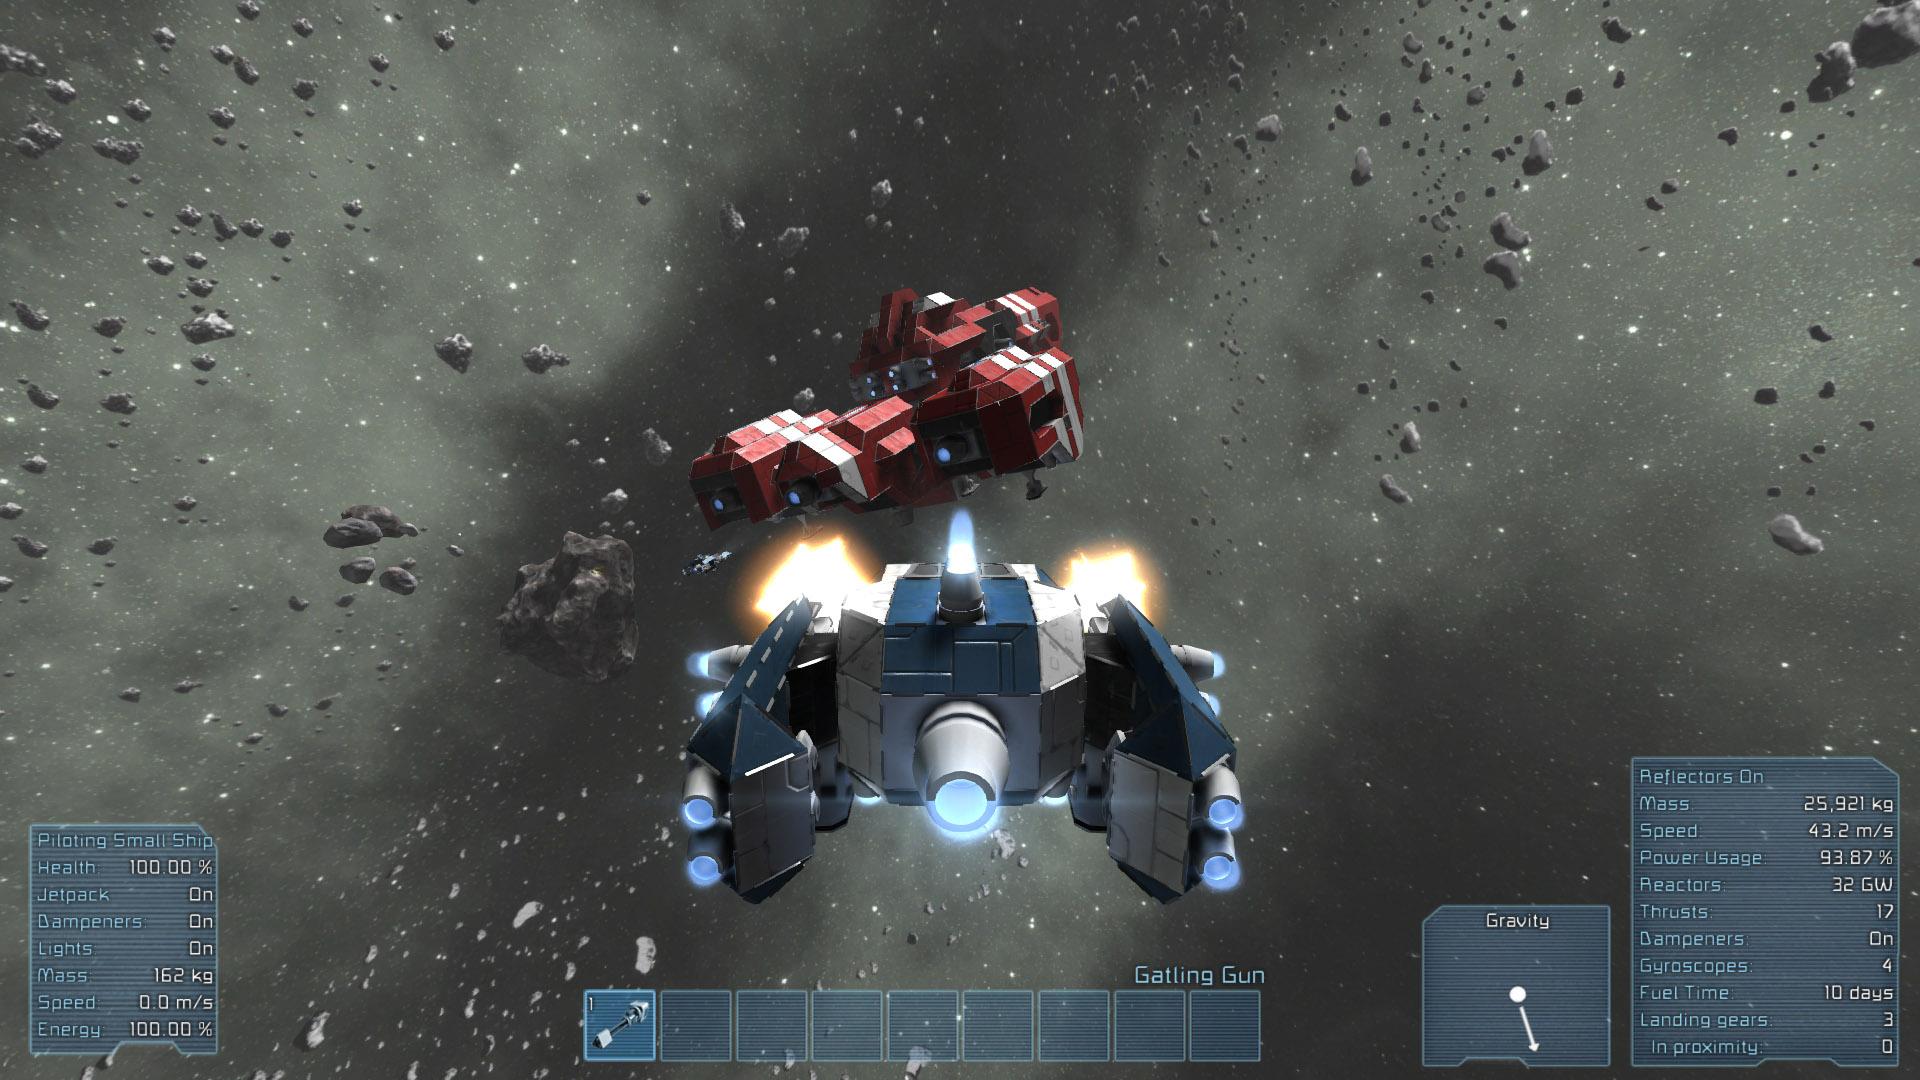 Space engi4